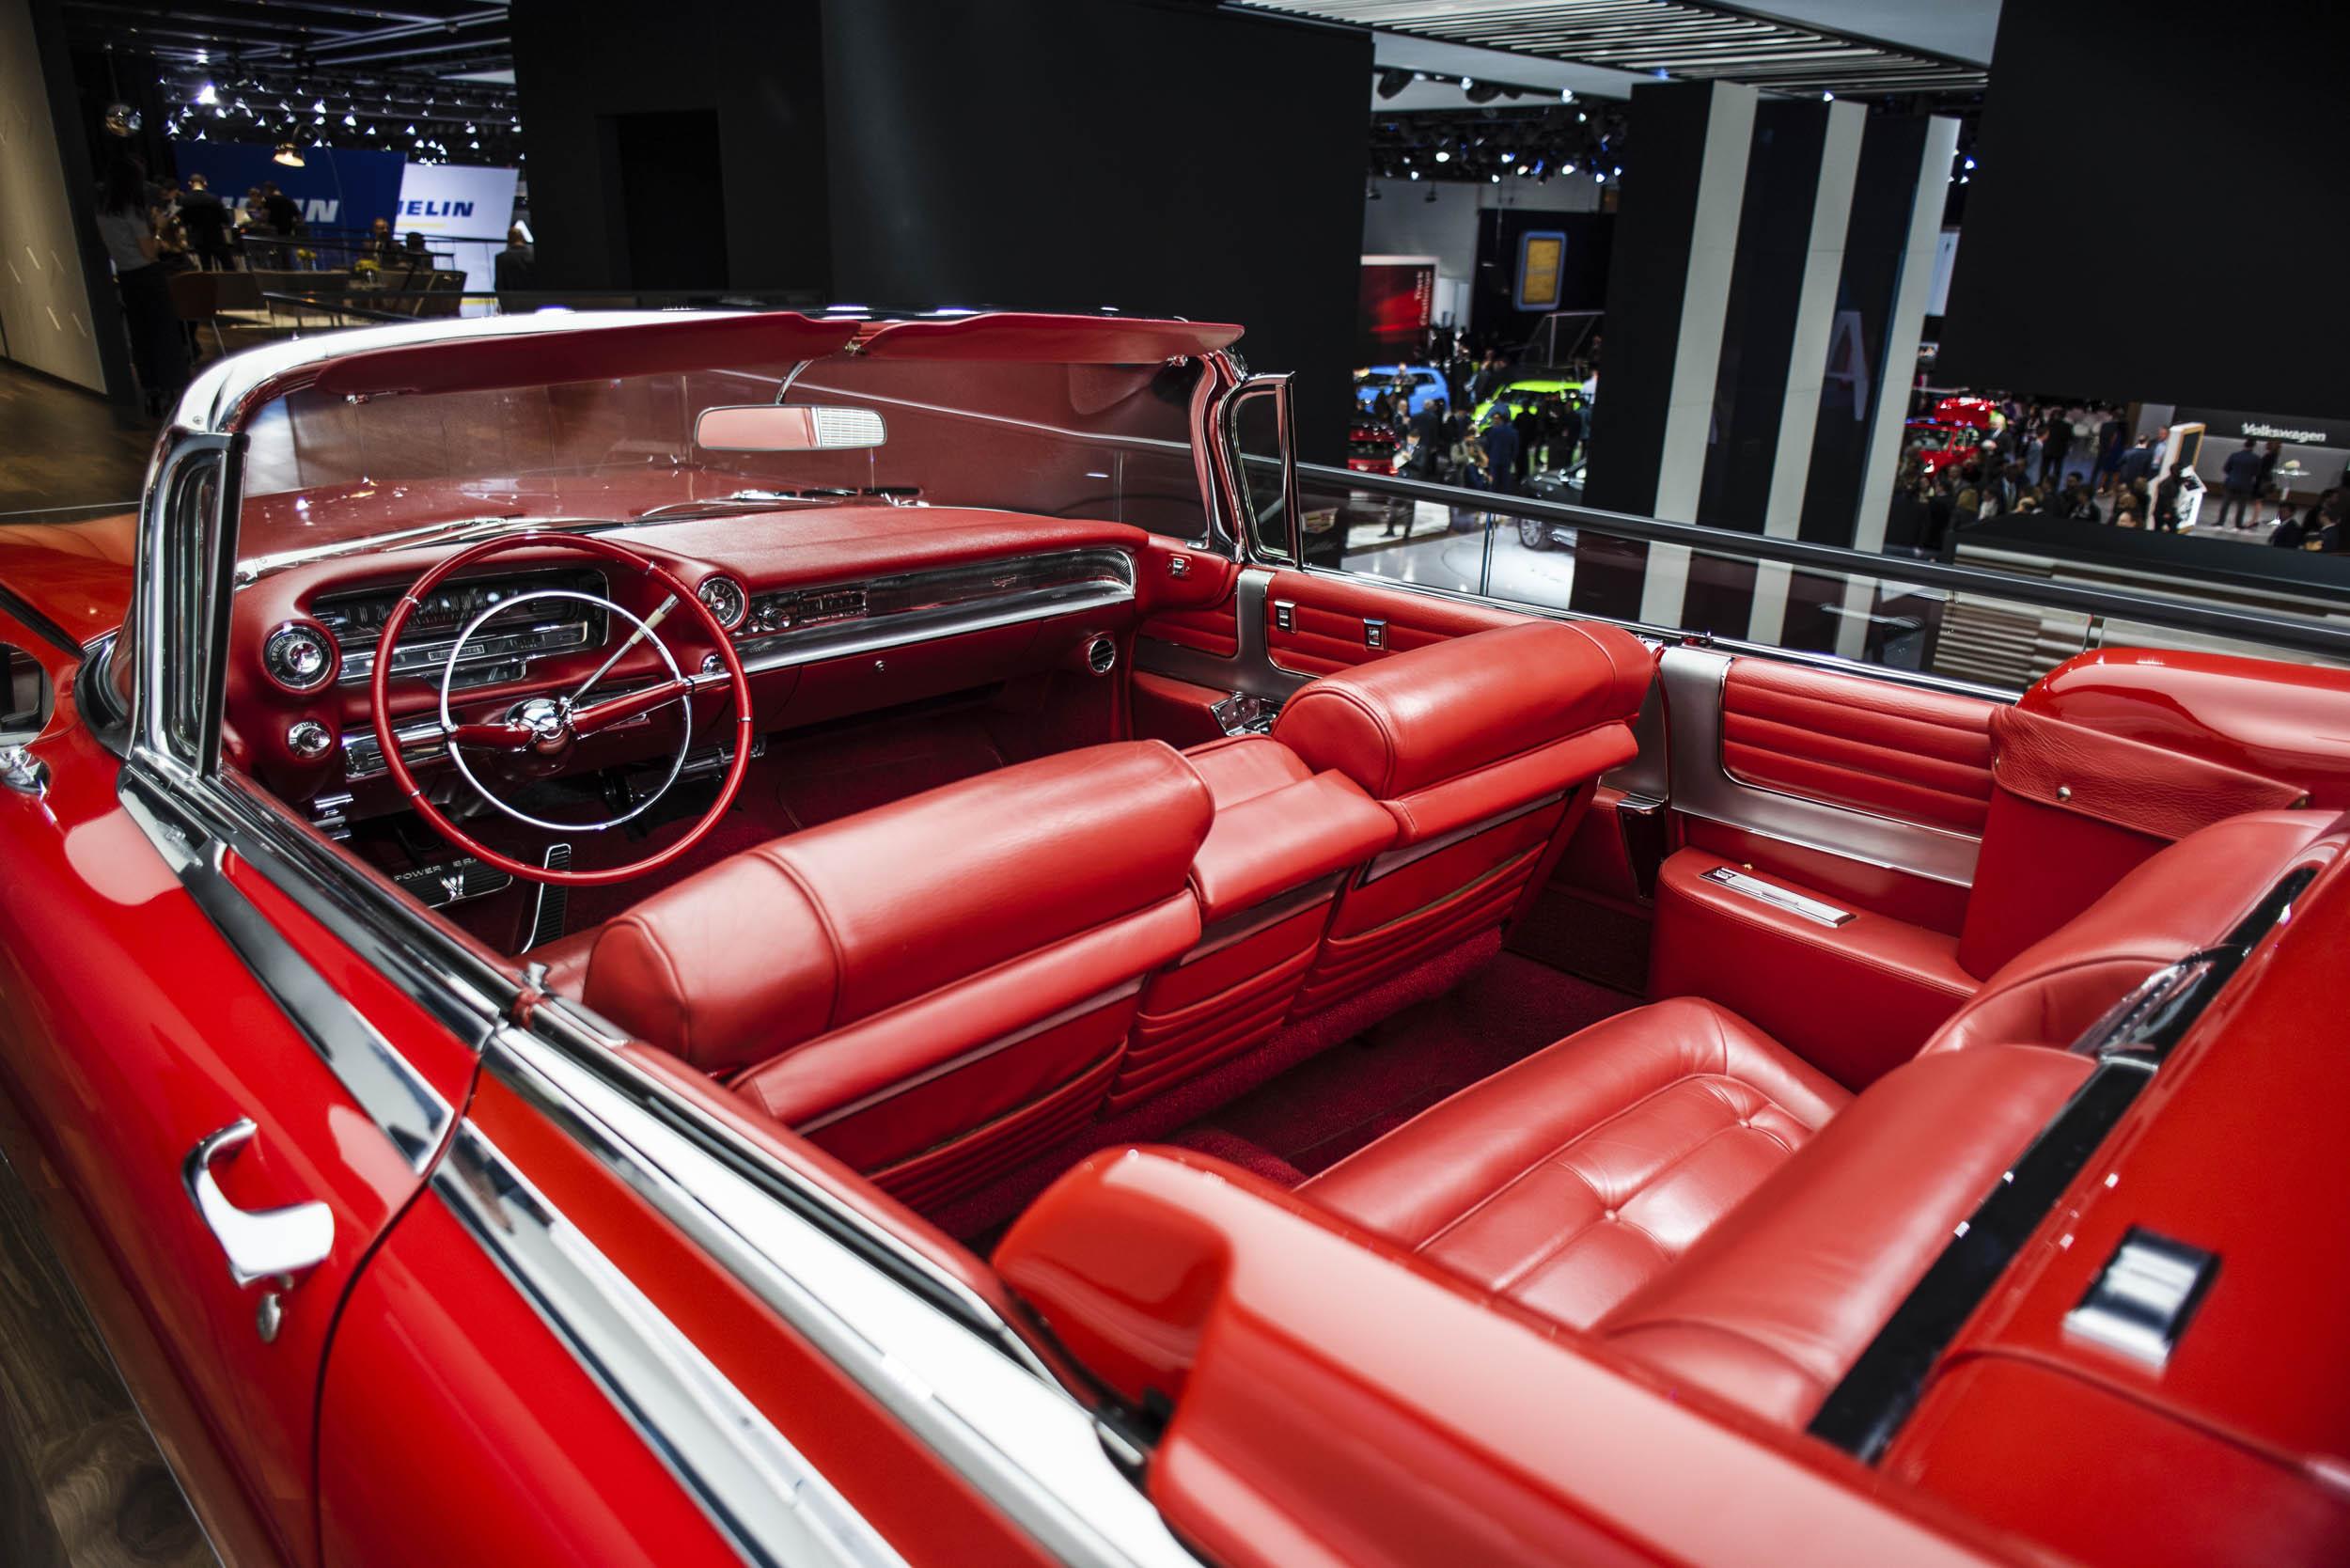 1959 Cadillac Eldorado interior